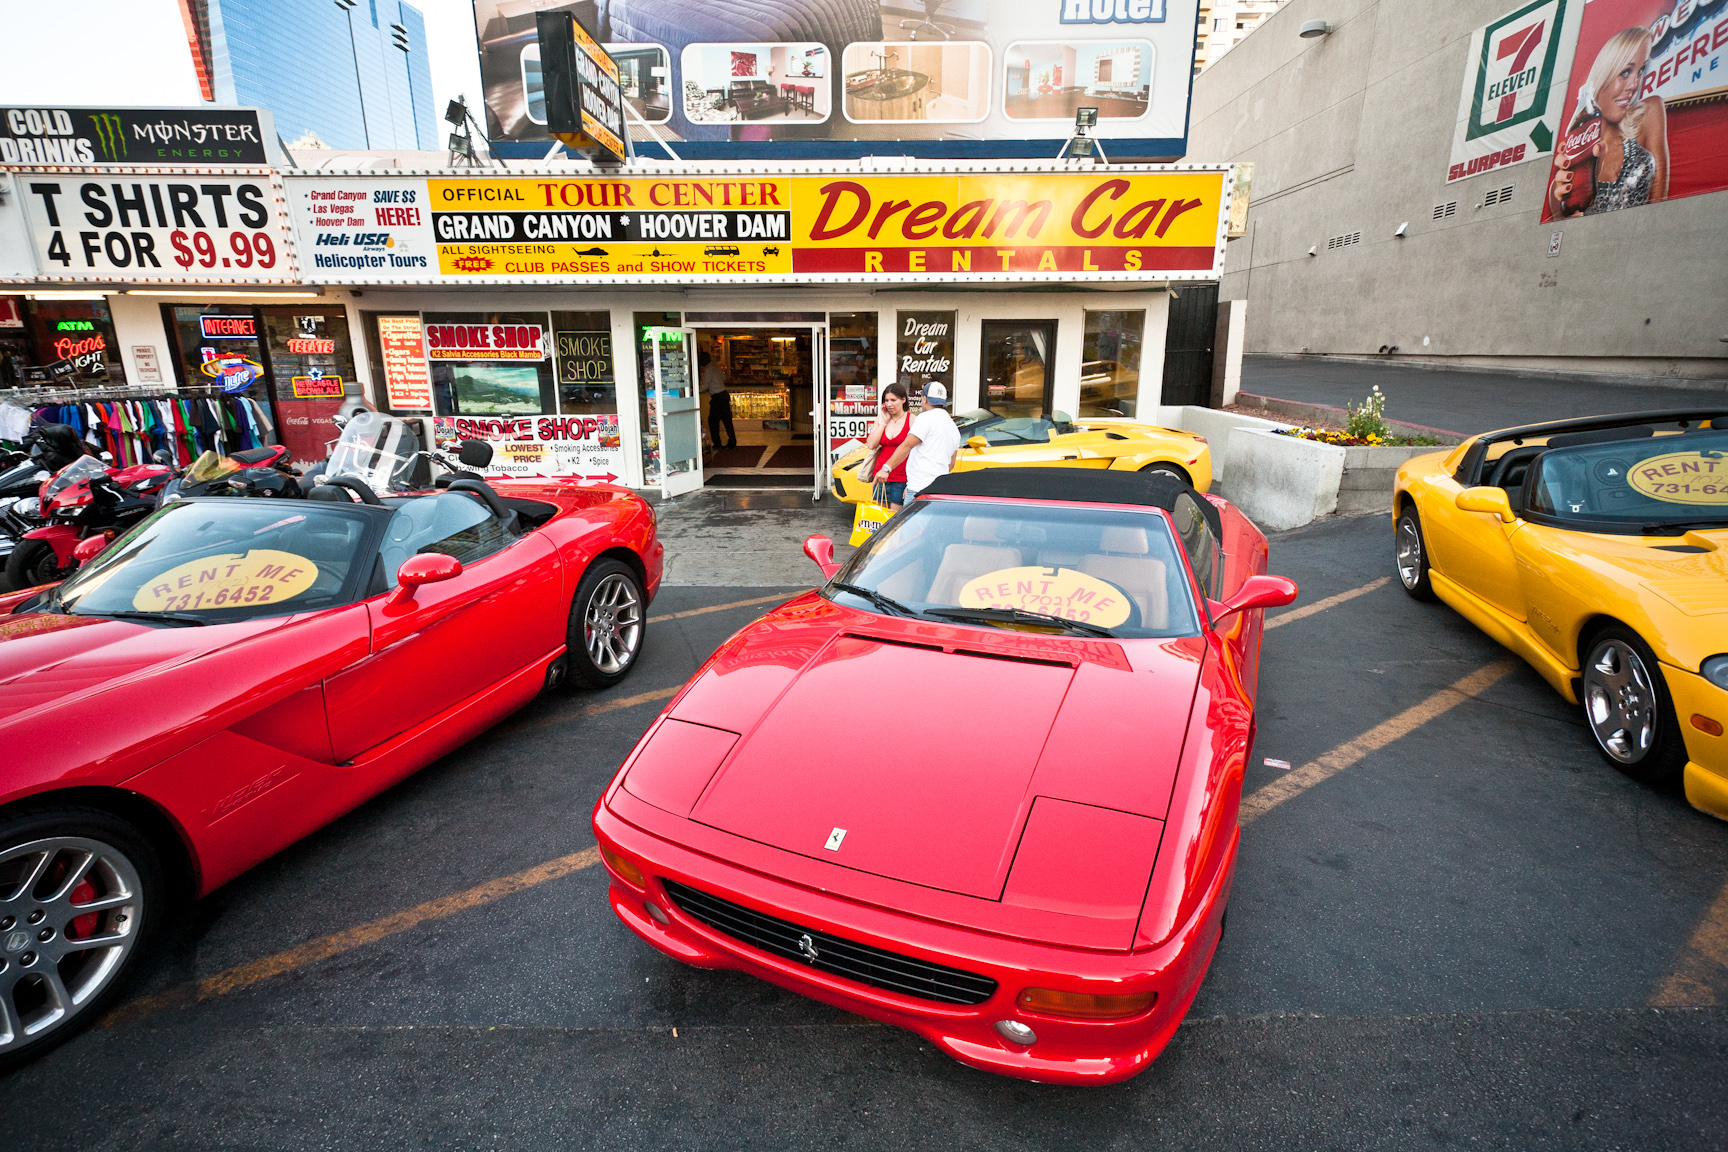 Dream Car Rentals